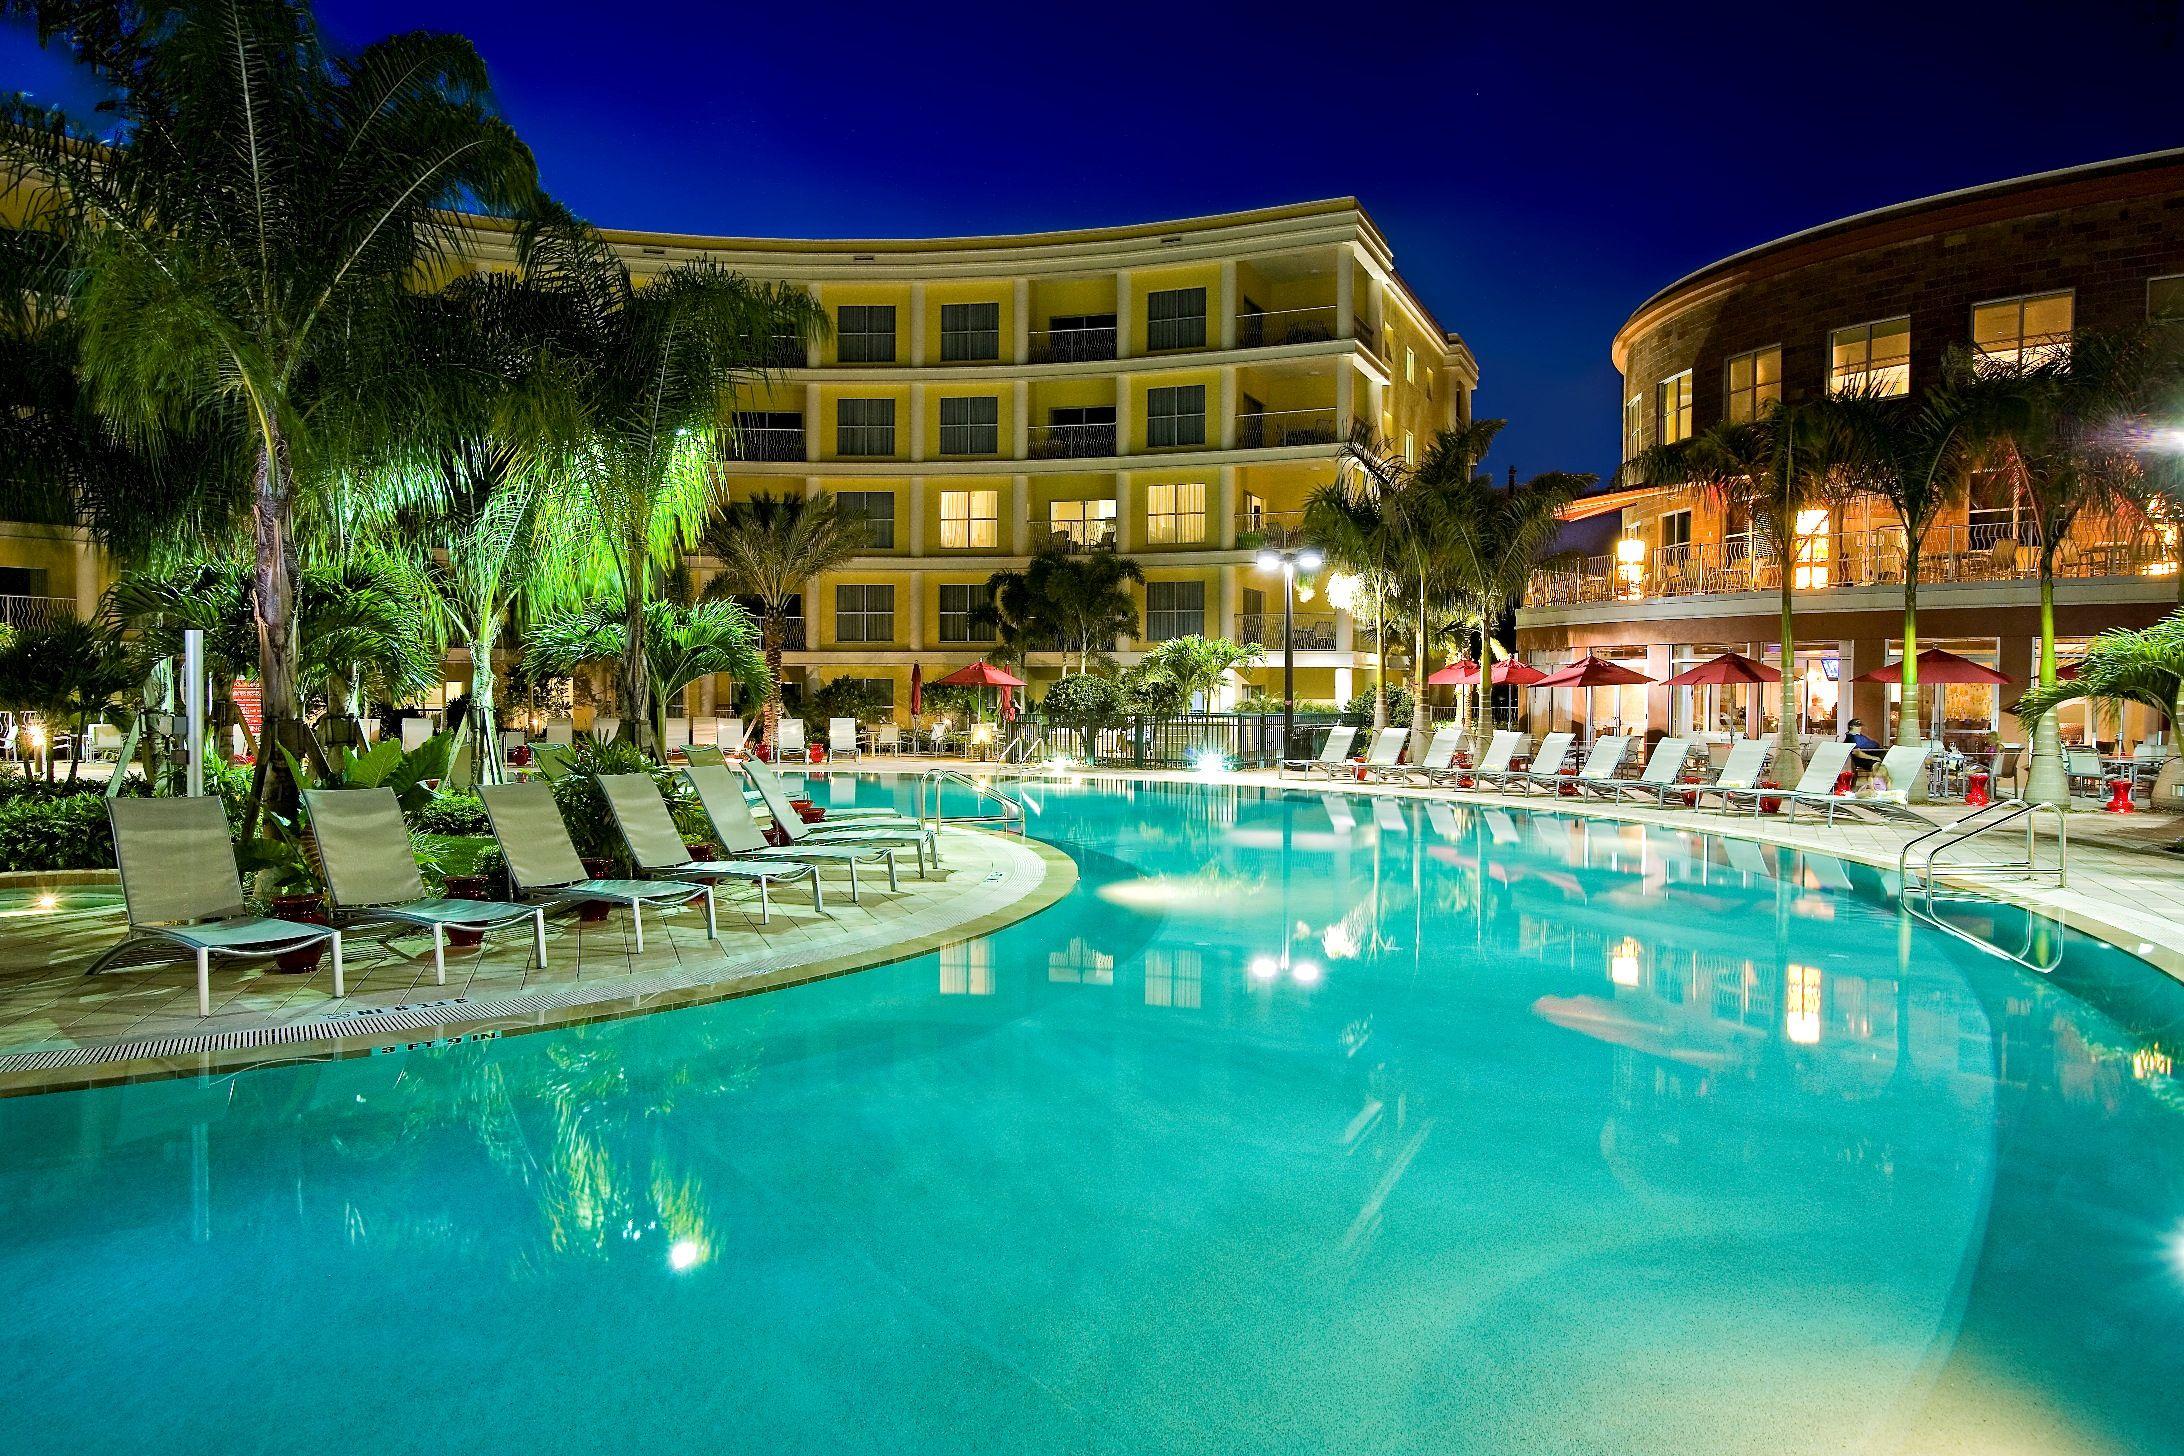 Melia Orlando Hotel at Celebration, Florida. I want to go